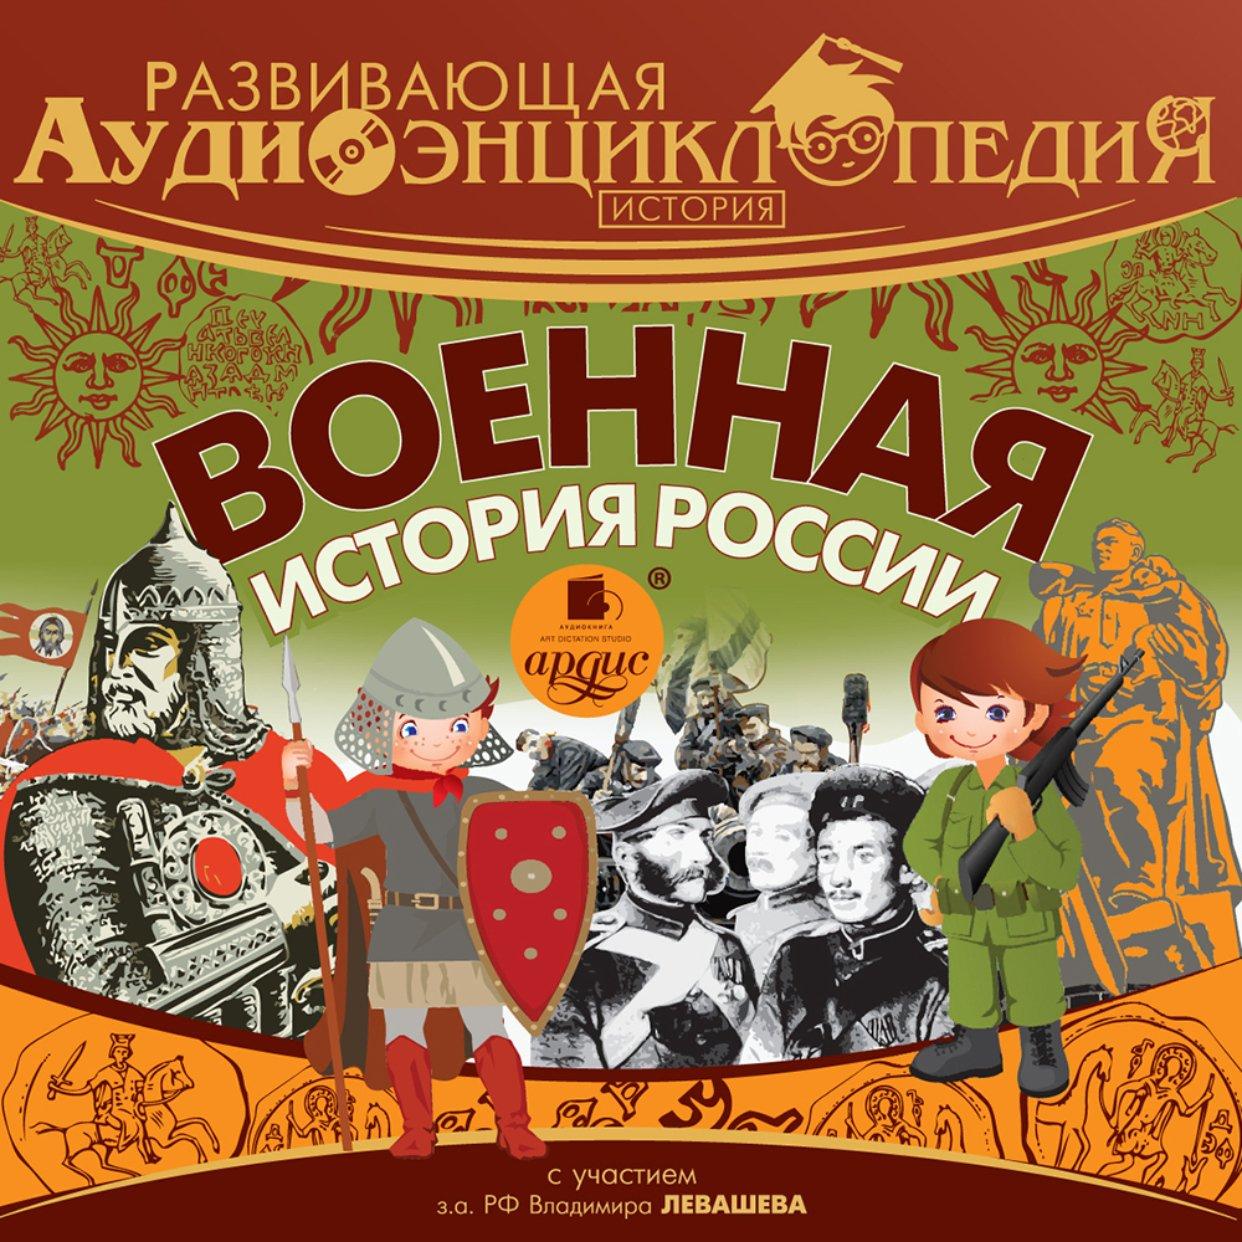 Развивающая аудиоэнциклопедия. История: Военная история России